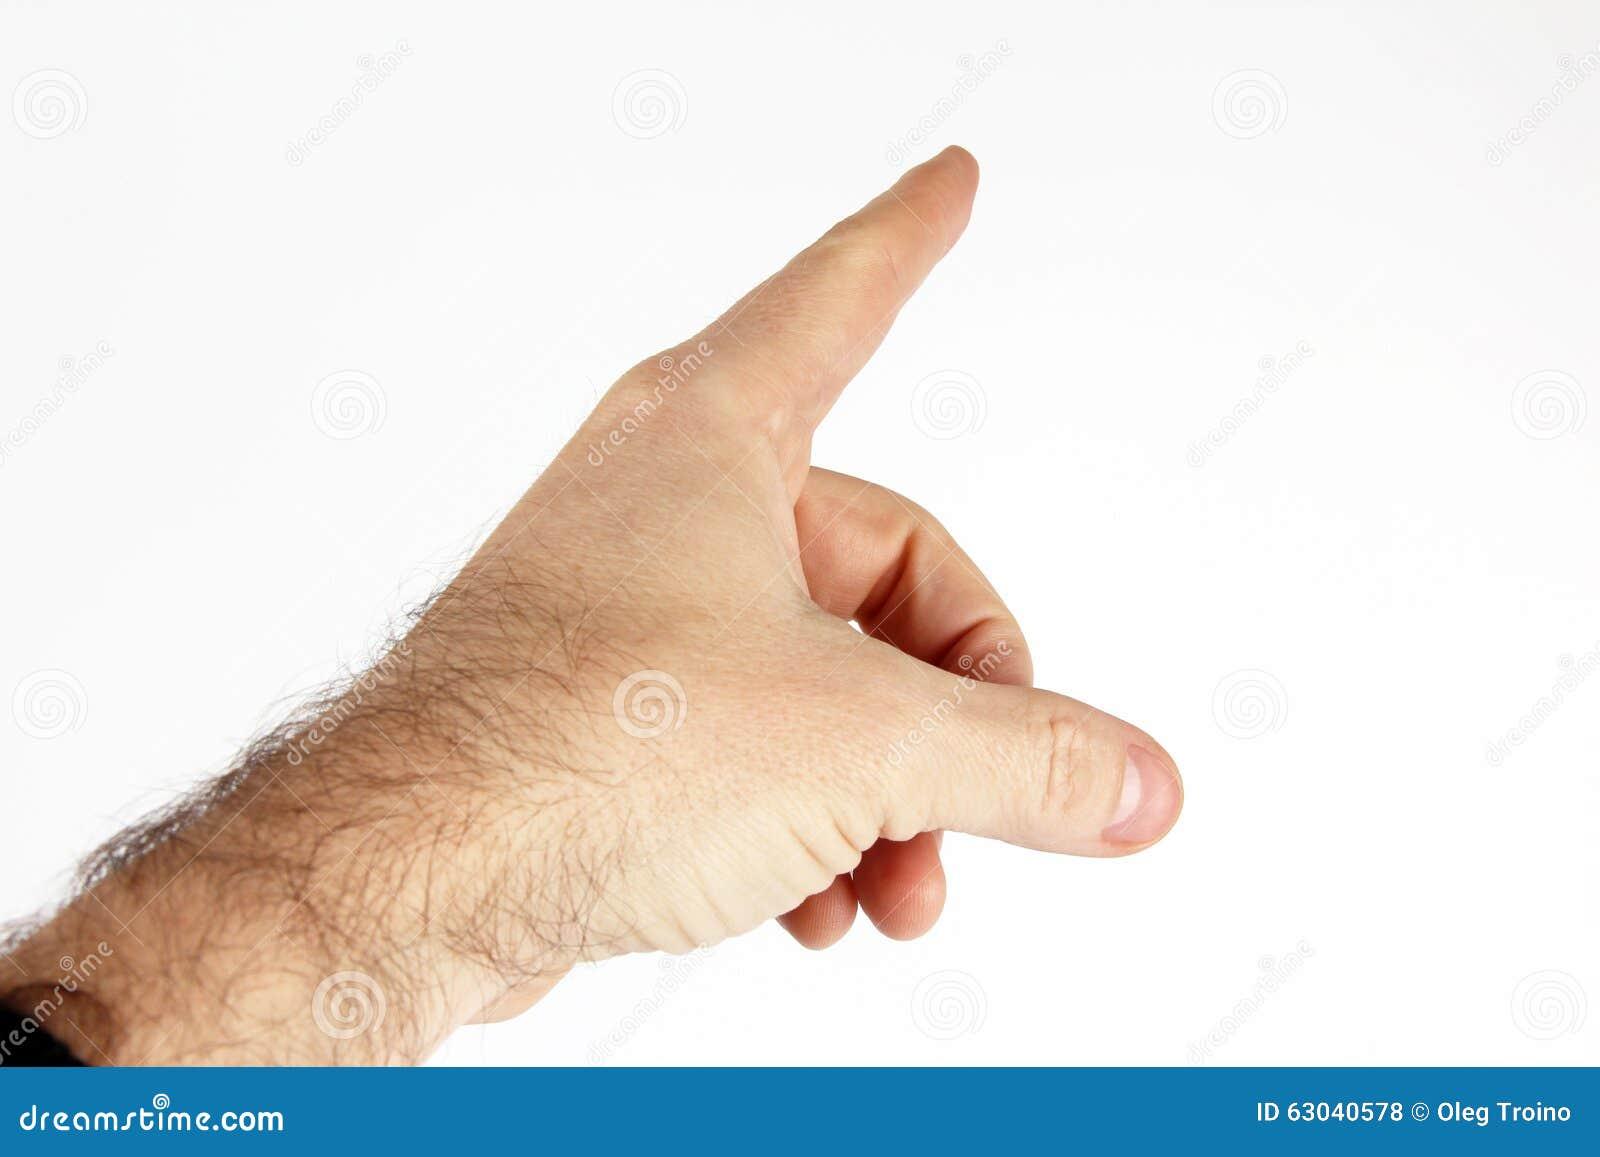 Gesture con il dito indice della mano su un fondo leggero